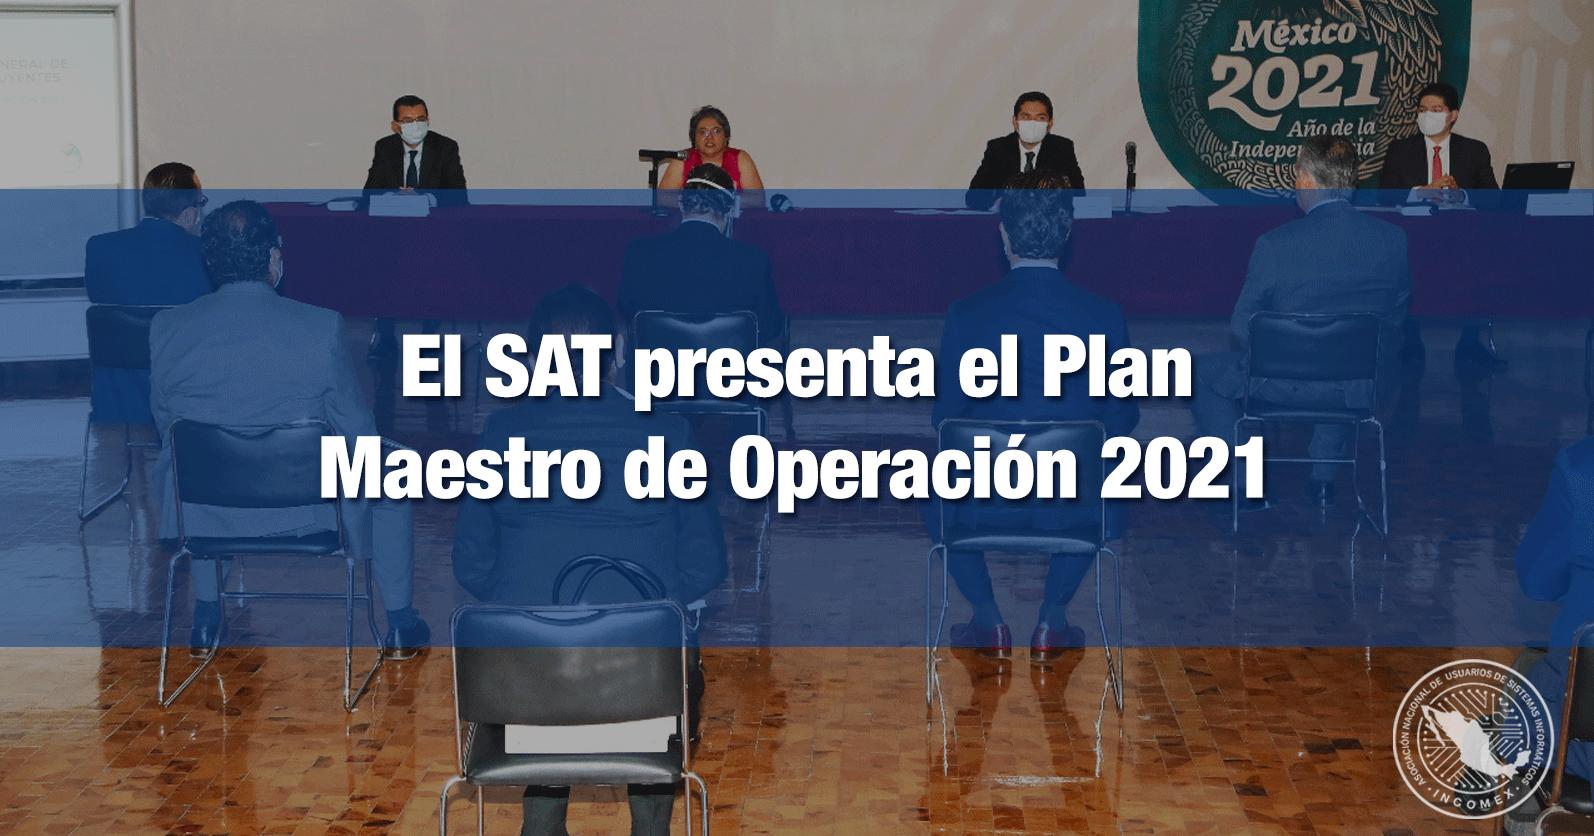 El SAT presenta el Plan Maestro de Operación 2021 de la AGGC